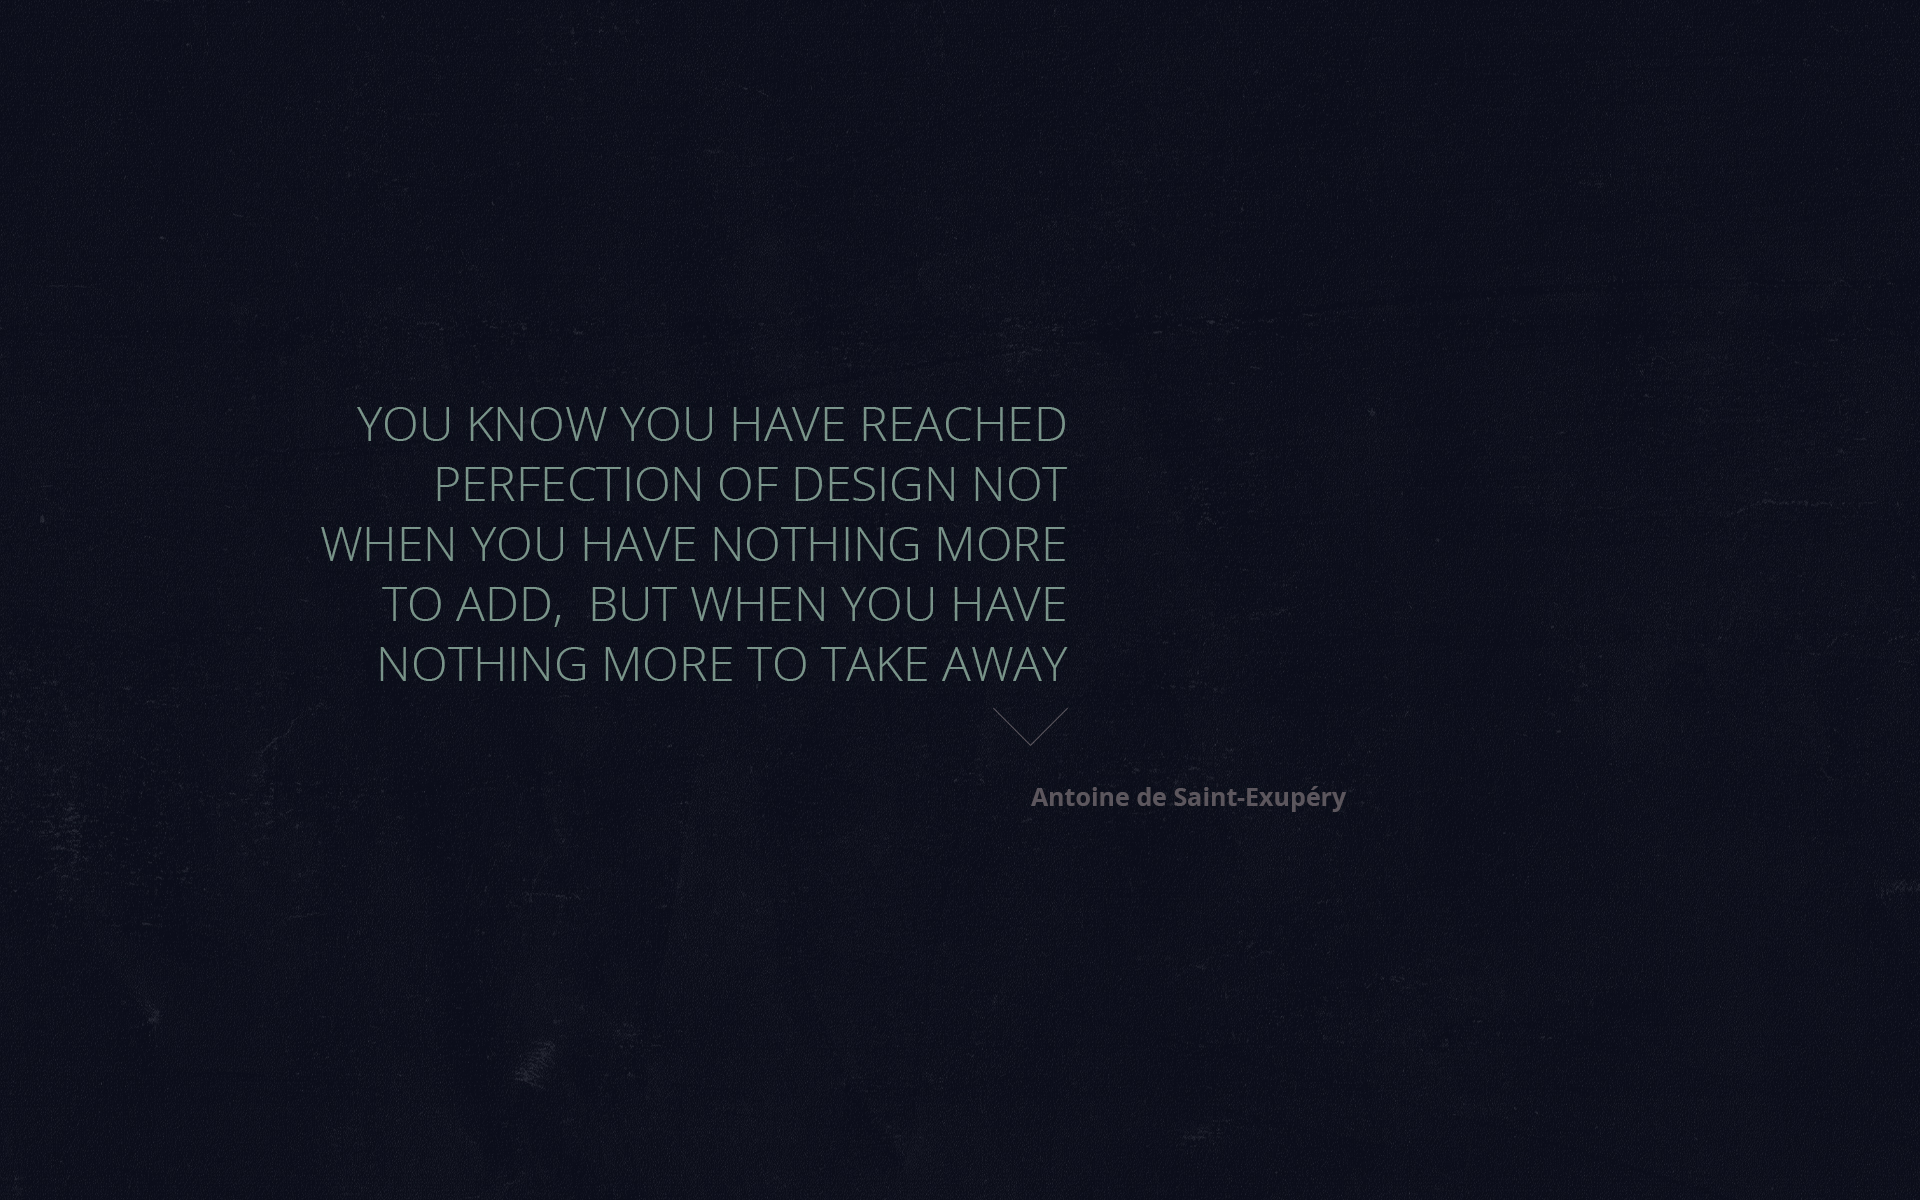 Antoine de Saint-Exupery's quote #5